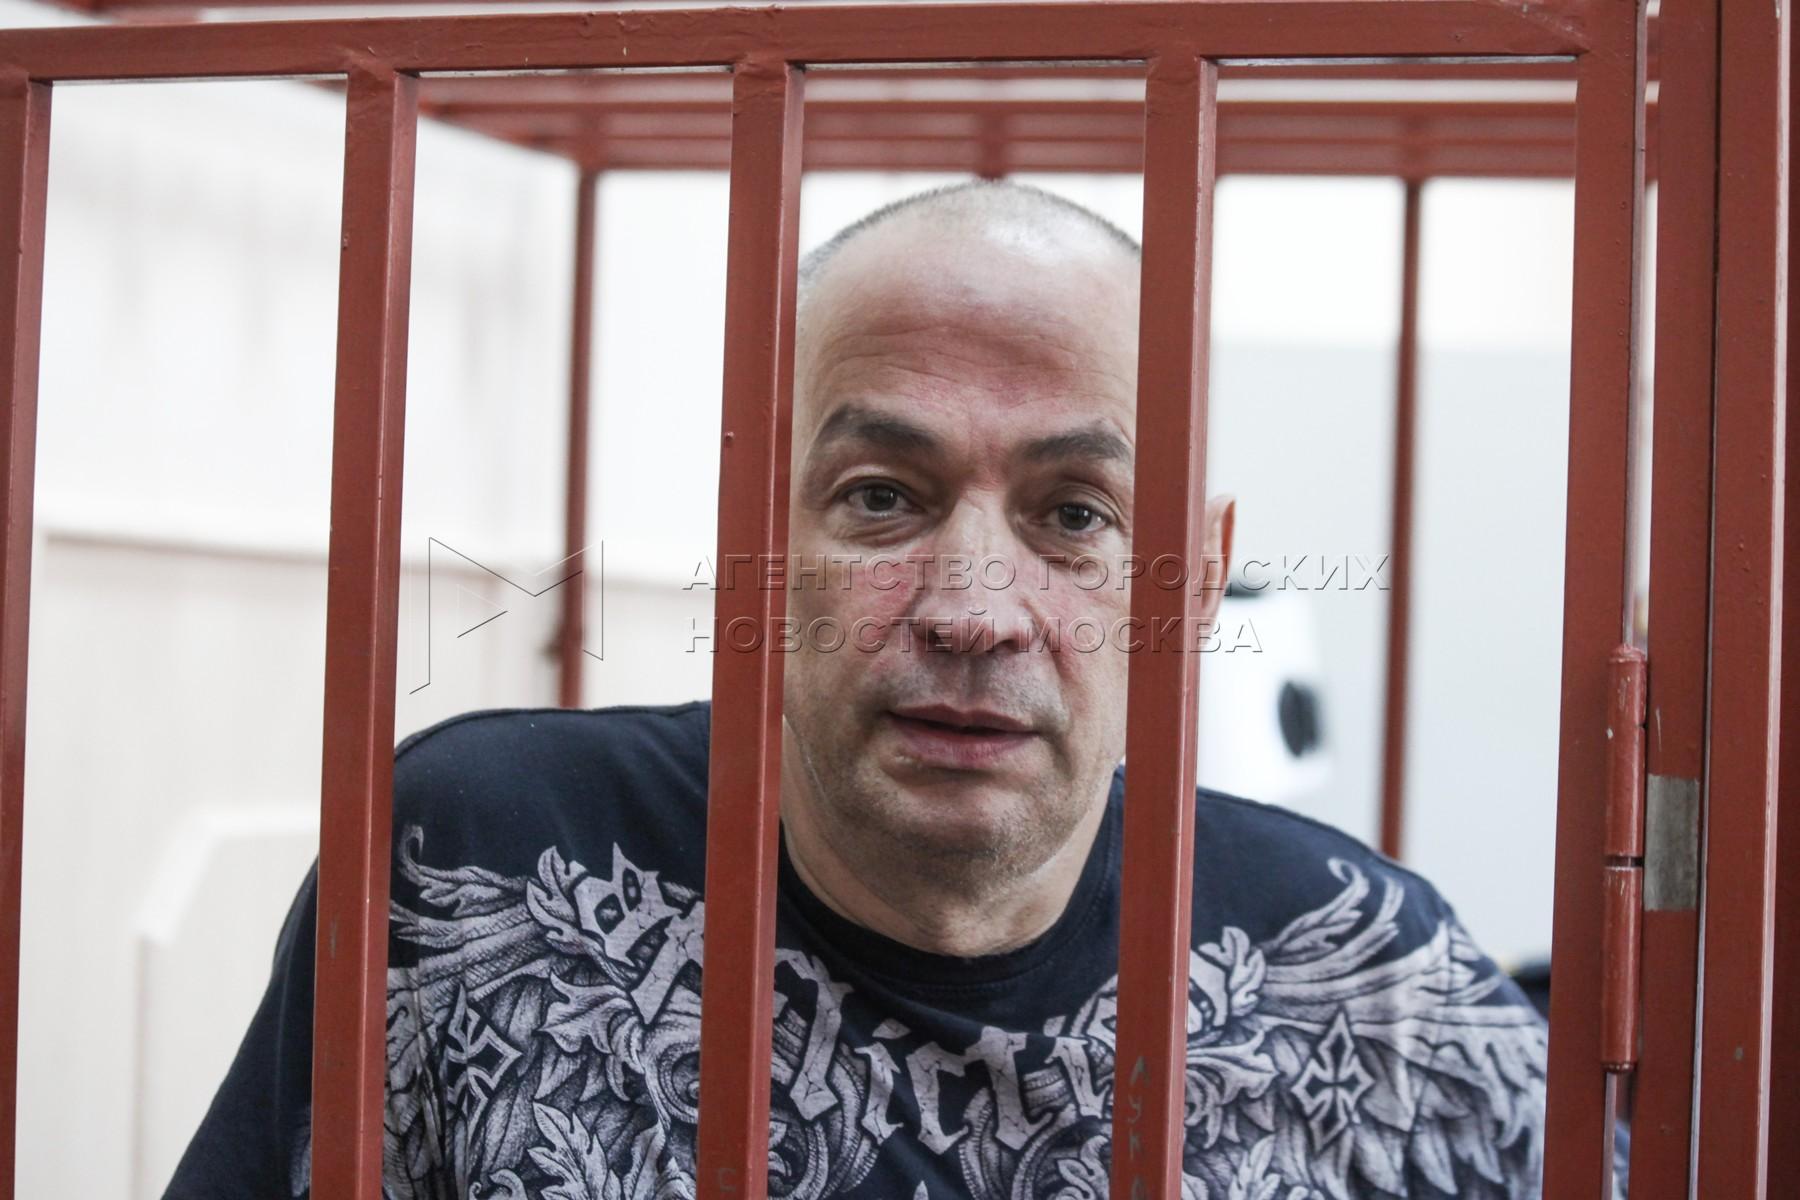 Рассмотрение в Басманном суде ходатайства СК о продлении ареста главы Серпуховского района А.Шестуна.